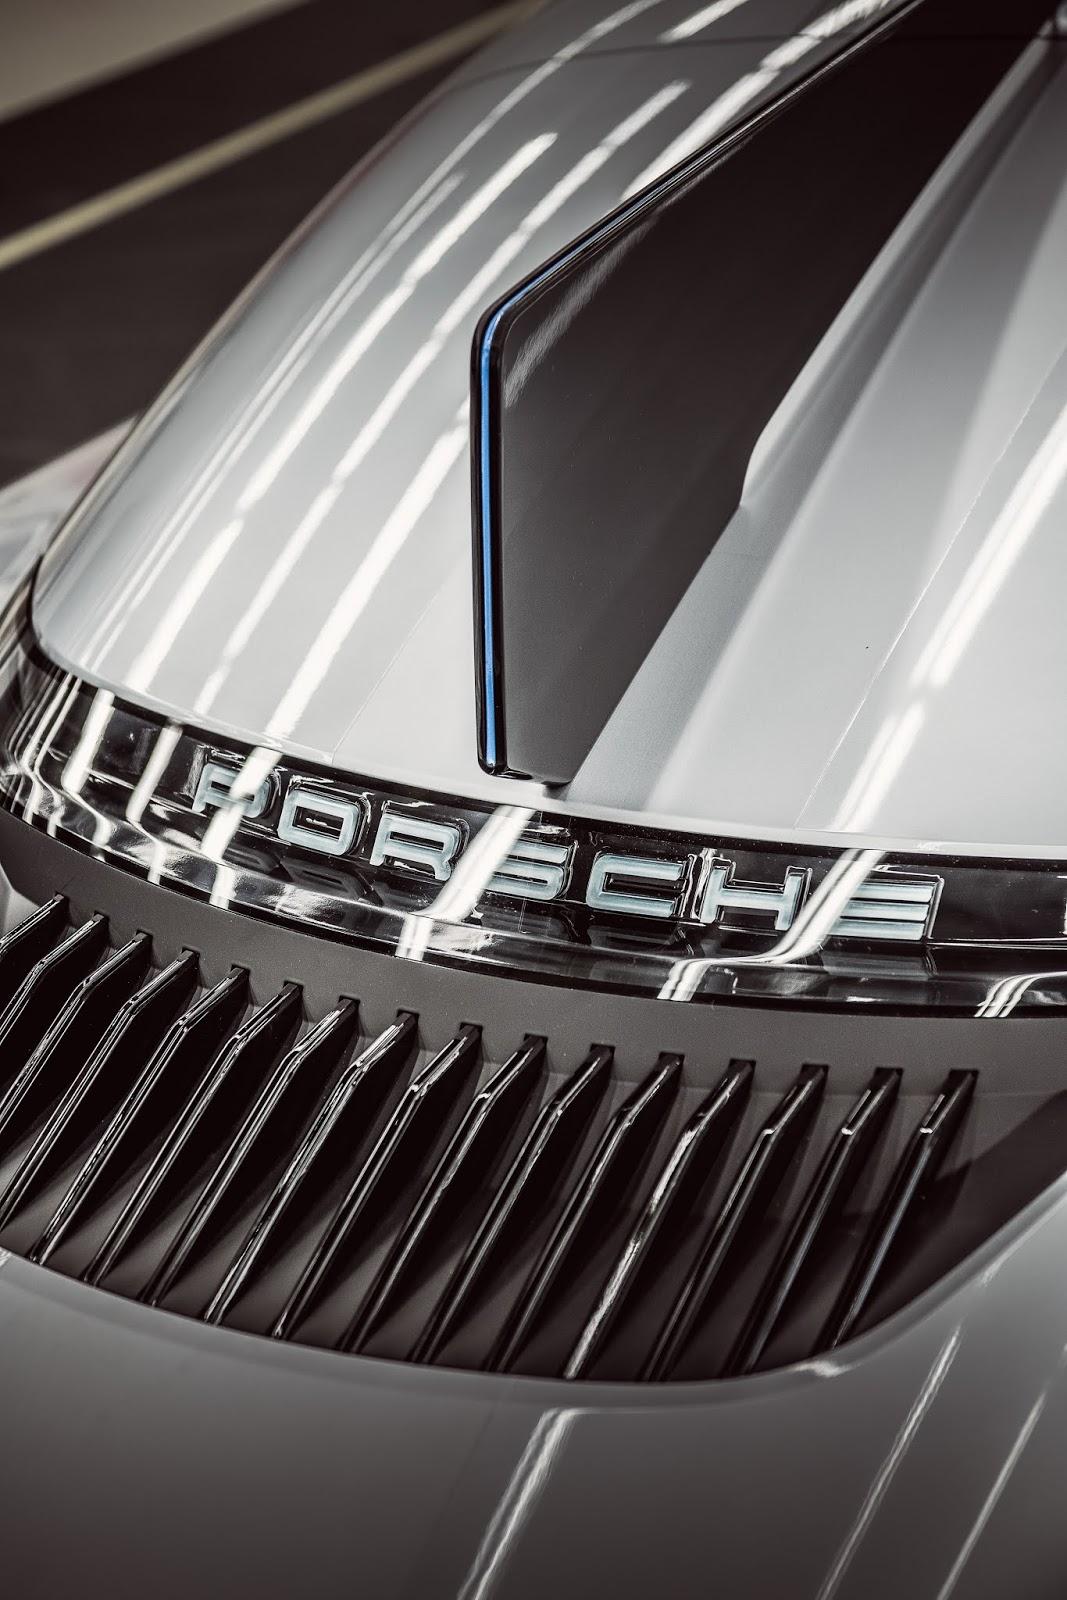 CUR7499 Τα άγνωστα Hypercars της Porsche hypercar, Porsche, Porsche Unseen, Sunday, supercar, supercars, zblog, ειδήσεις